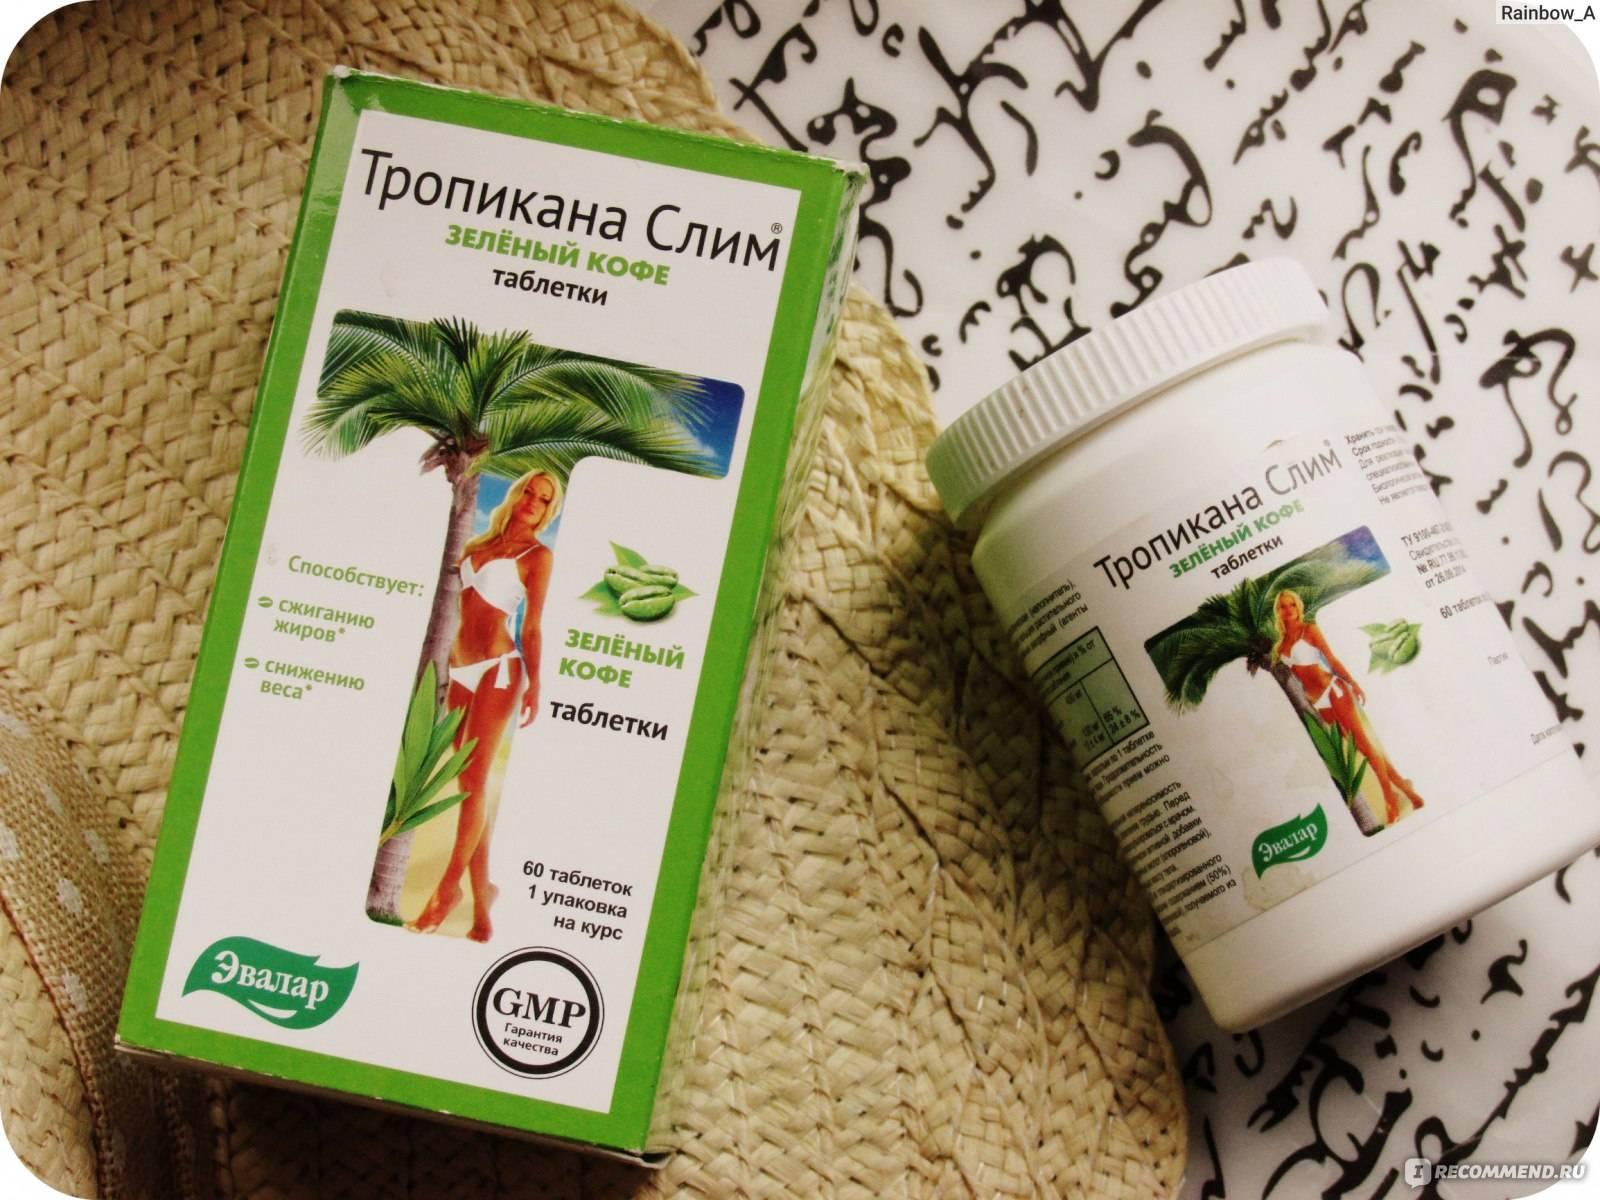 Зеленый кофе для похудения тропикана слим: отзывы